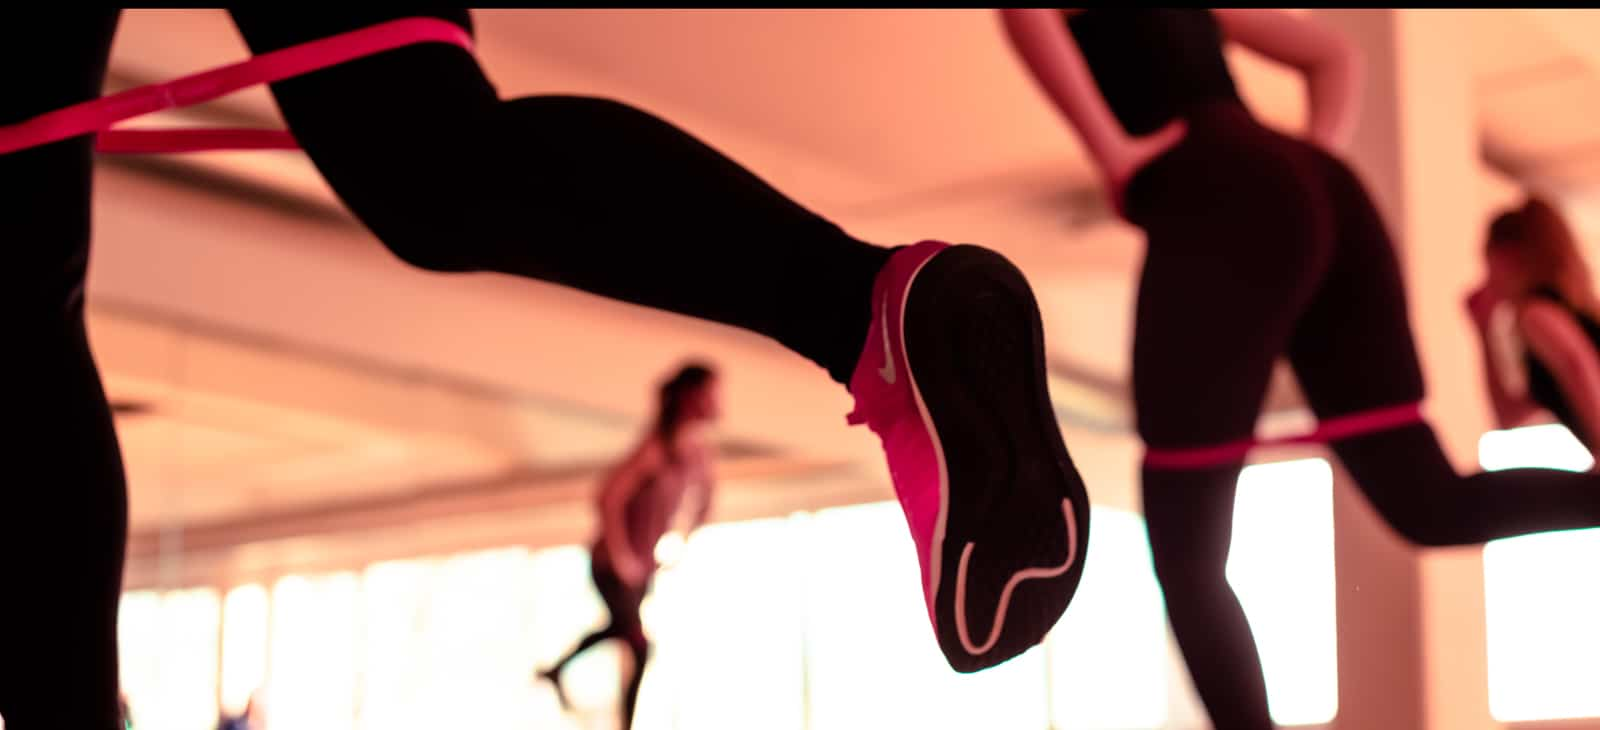 Beine von Frauen während eines Fitnesskurses